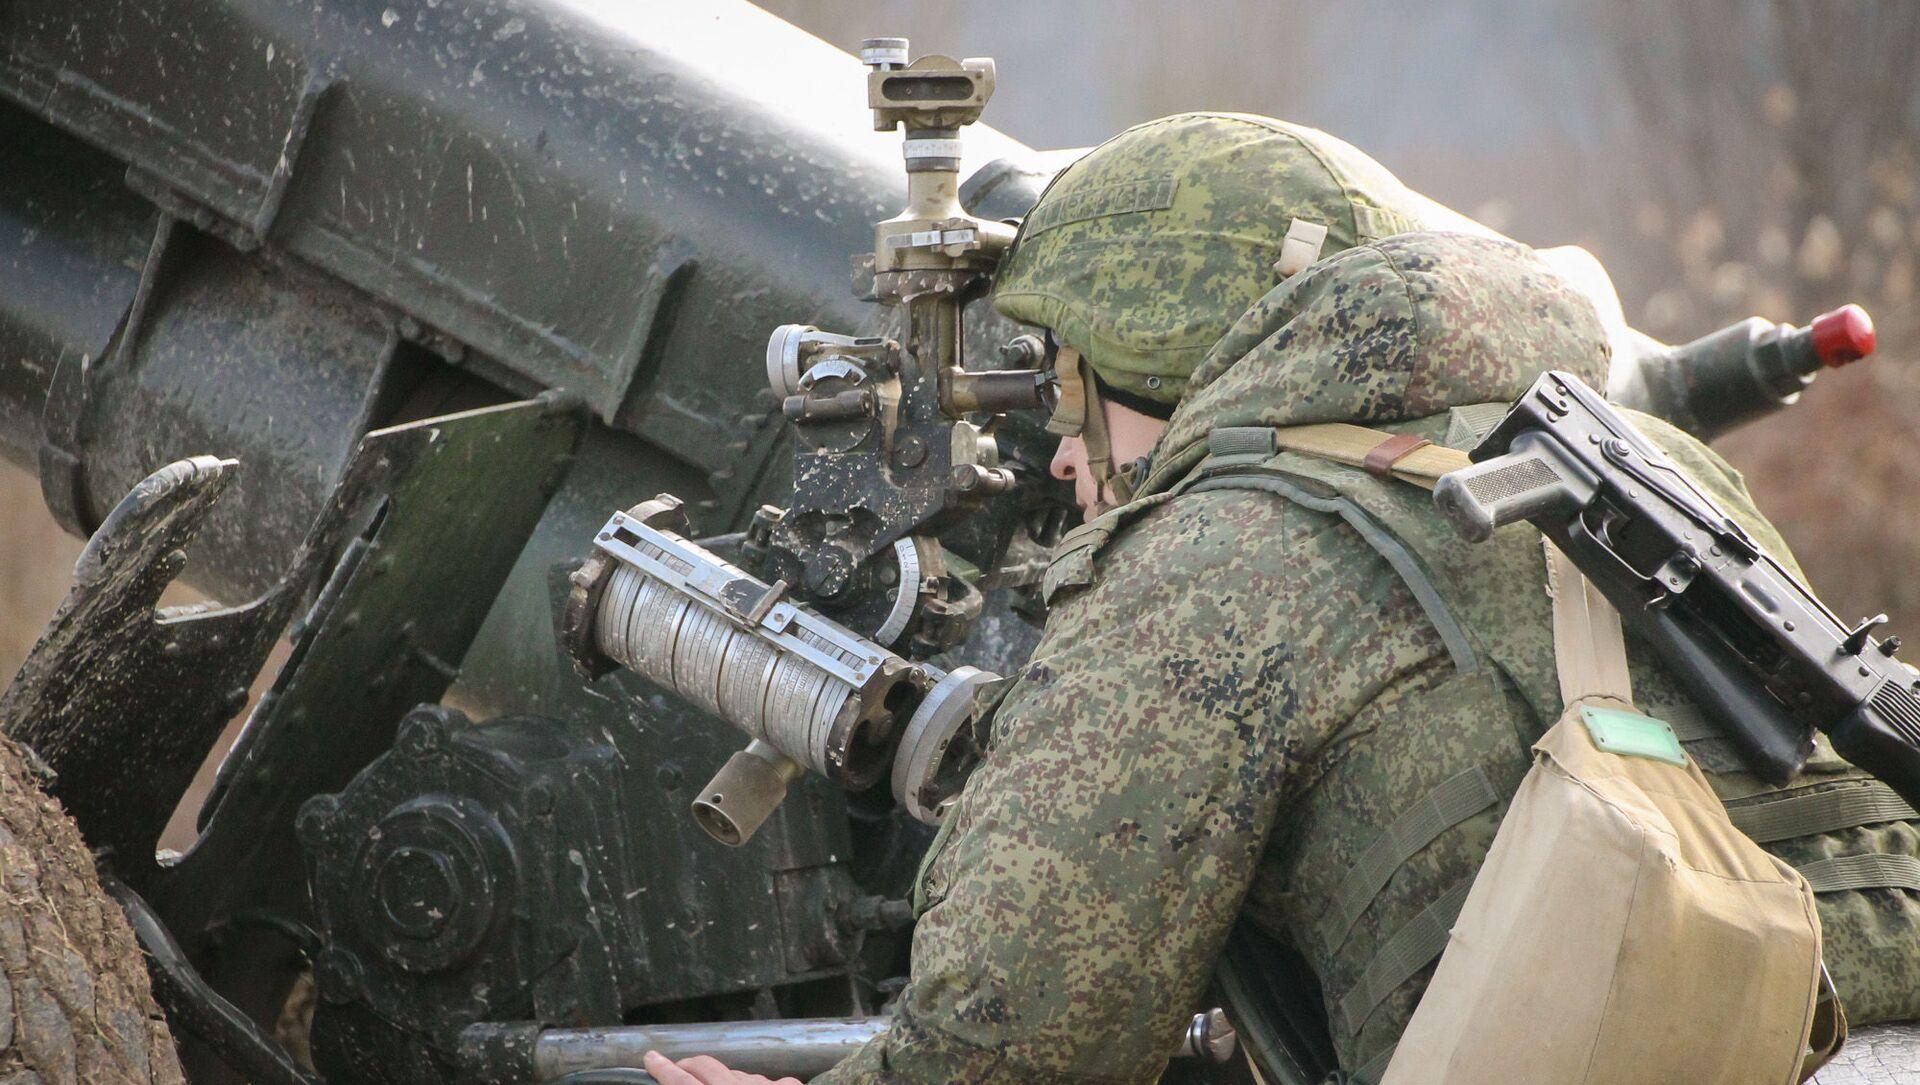 Артиллеристы ЮВО в горах Абхазии уничтожили бронетехнику условного противника из гаубиц Д-30 - Sputnik Аҧсны, 1920, 26.02.2021